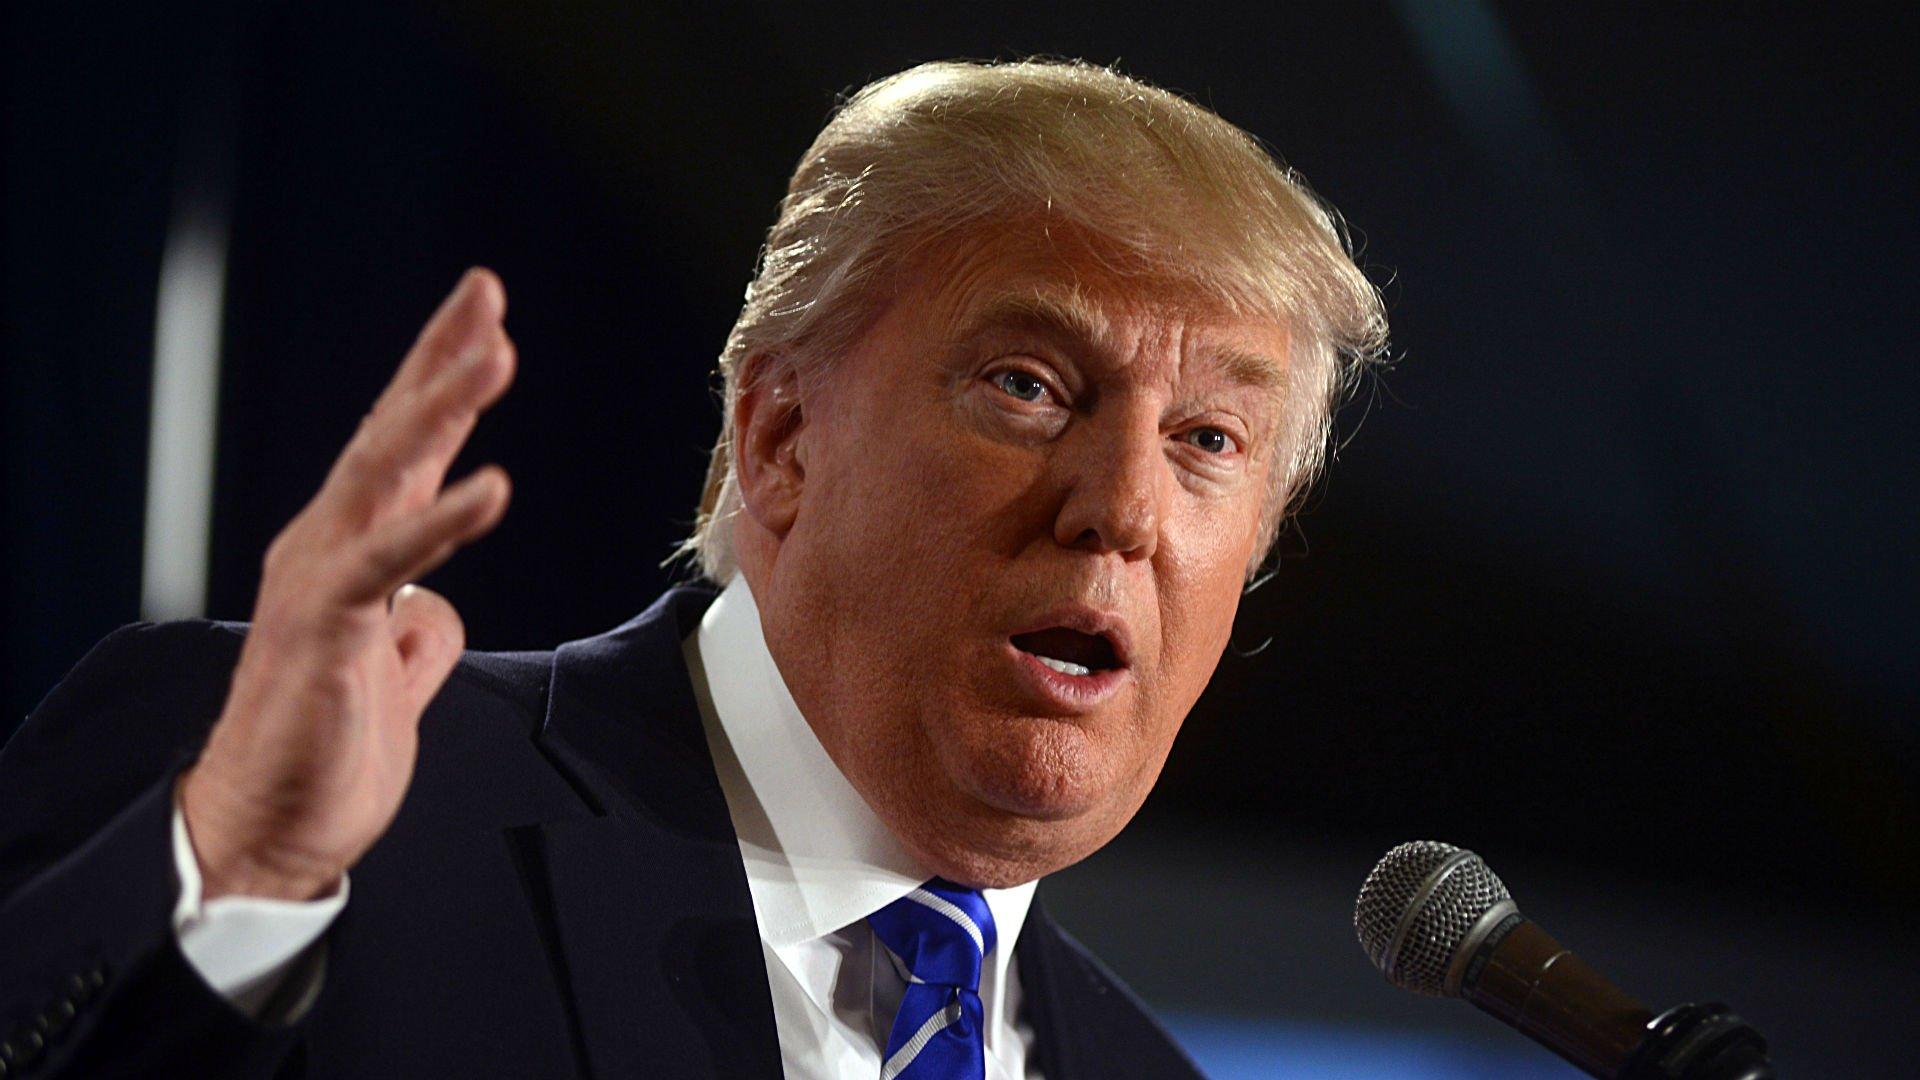 Трамп заявил, что имеющихся данных о фальсификациях хватит, чтобы изменить итоги выборов